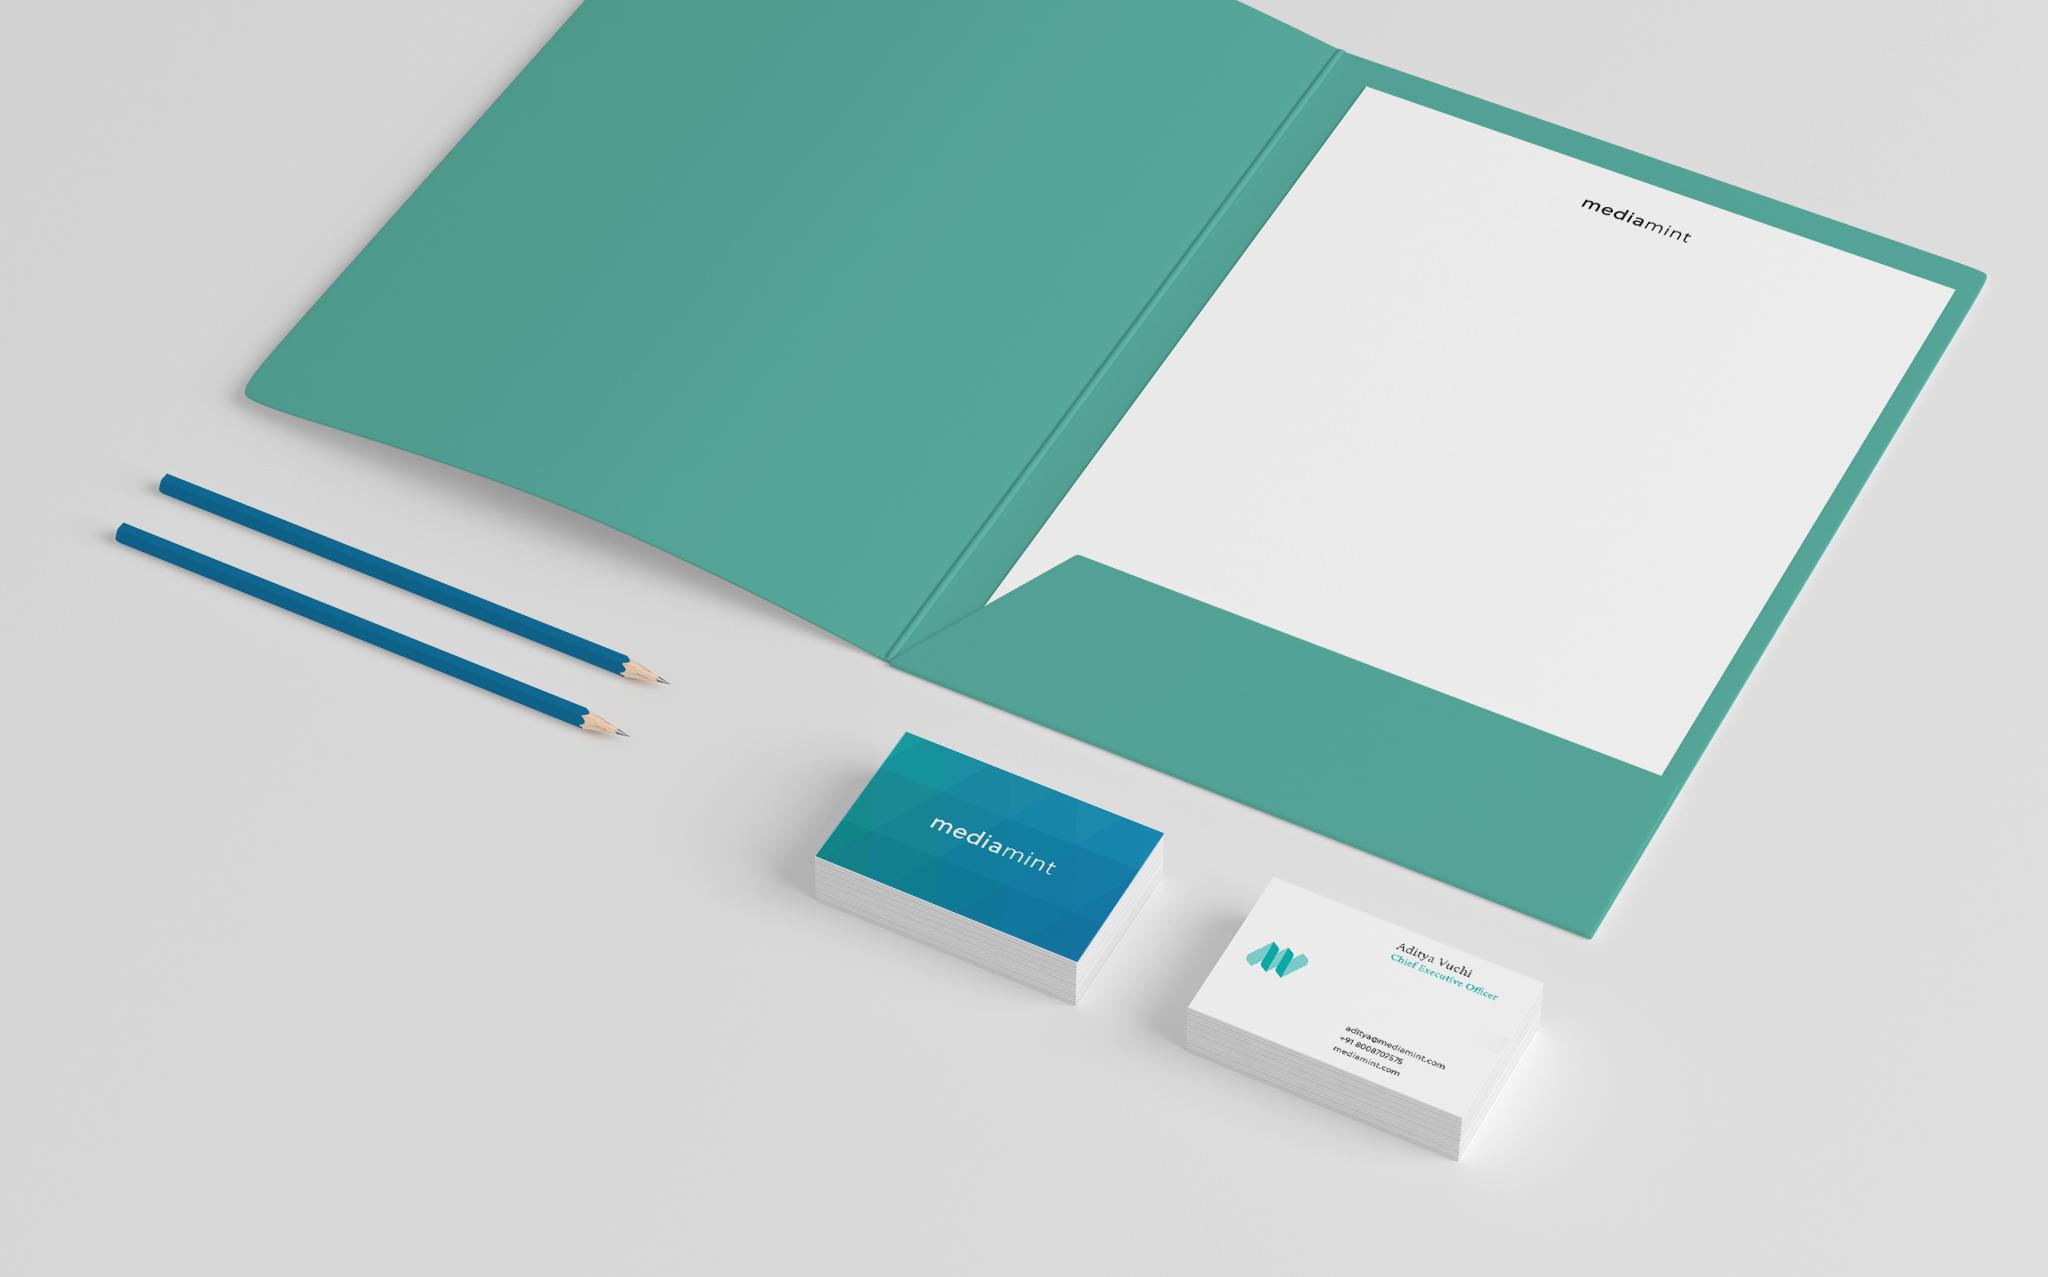 MM_Folder_Business-Cards.png